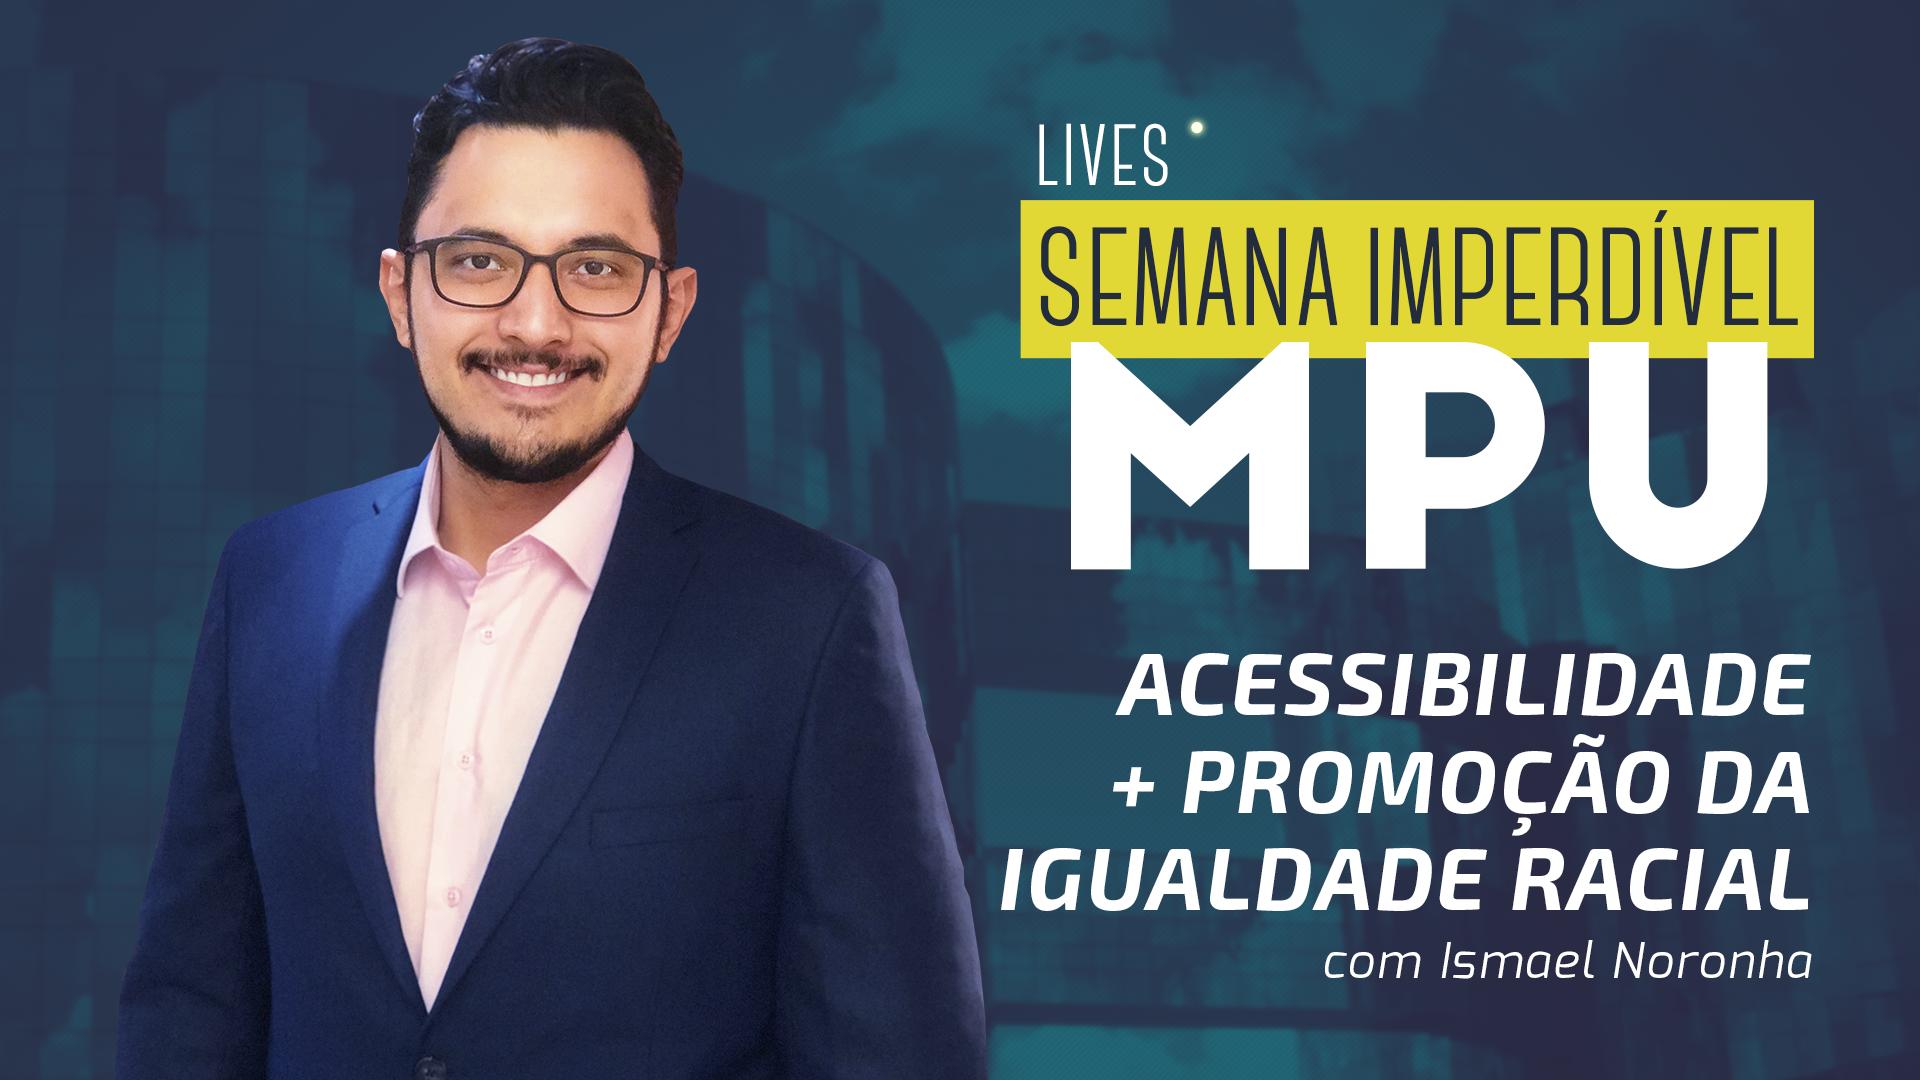 Semana Imperdível MPU - Acessibilidade e Promoção da Igualdade Racial | Prof.Ismael Noronha